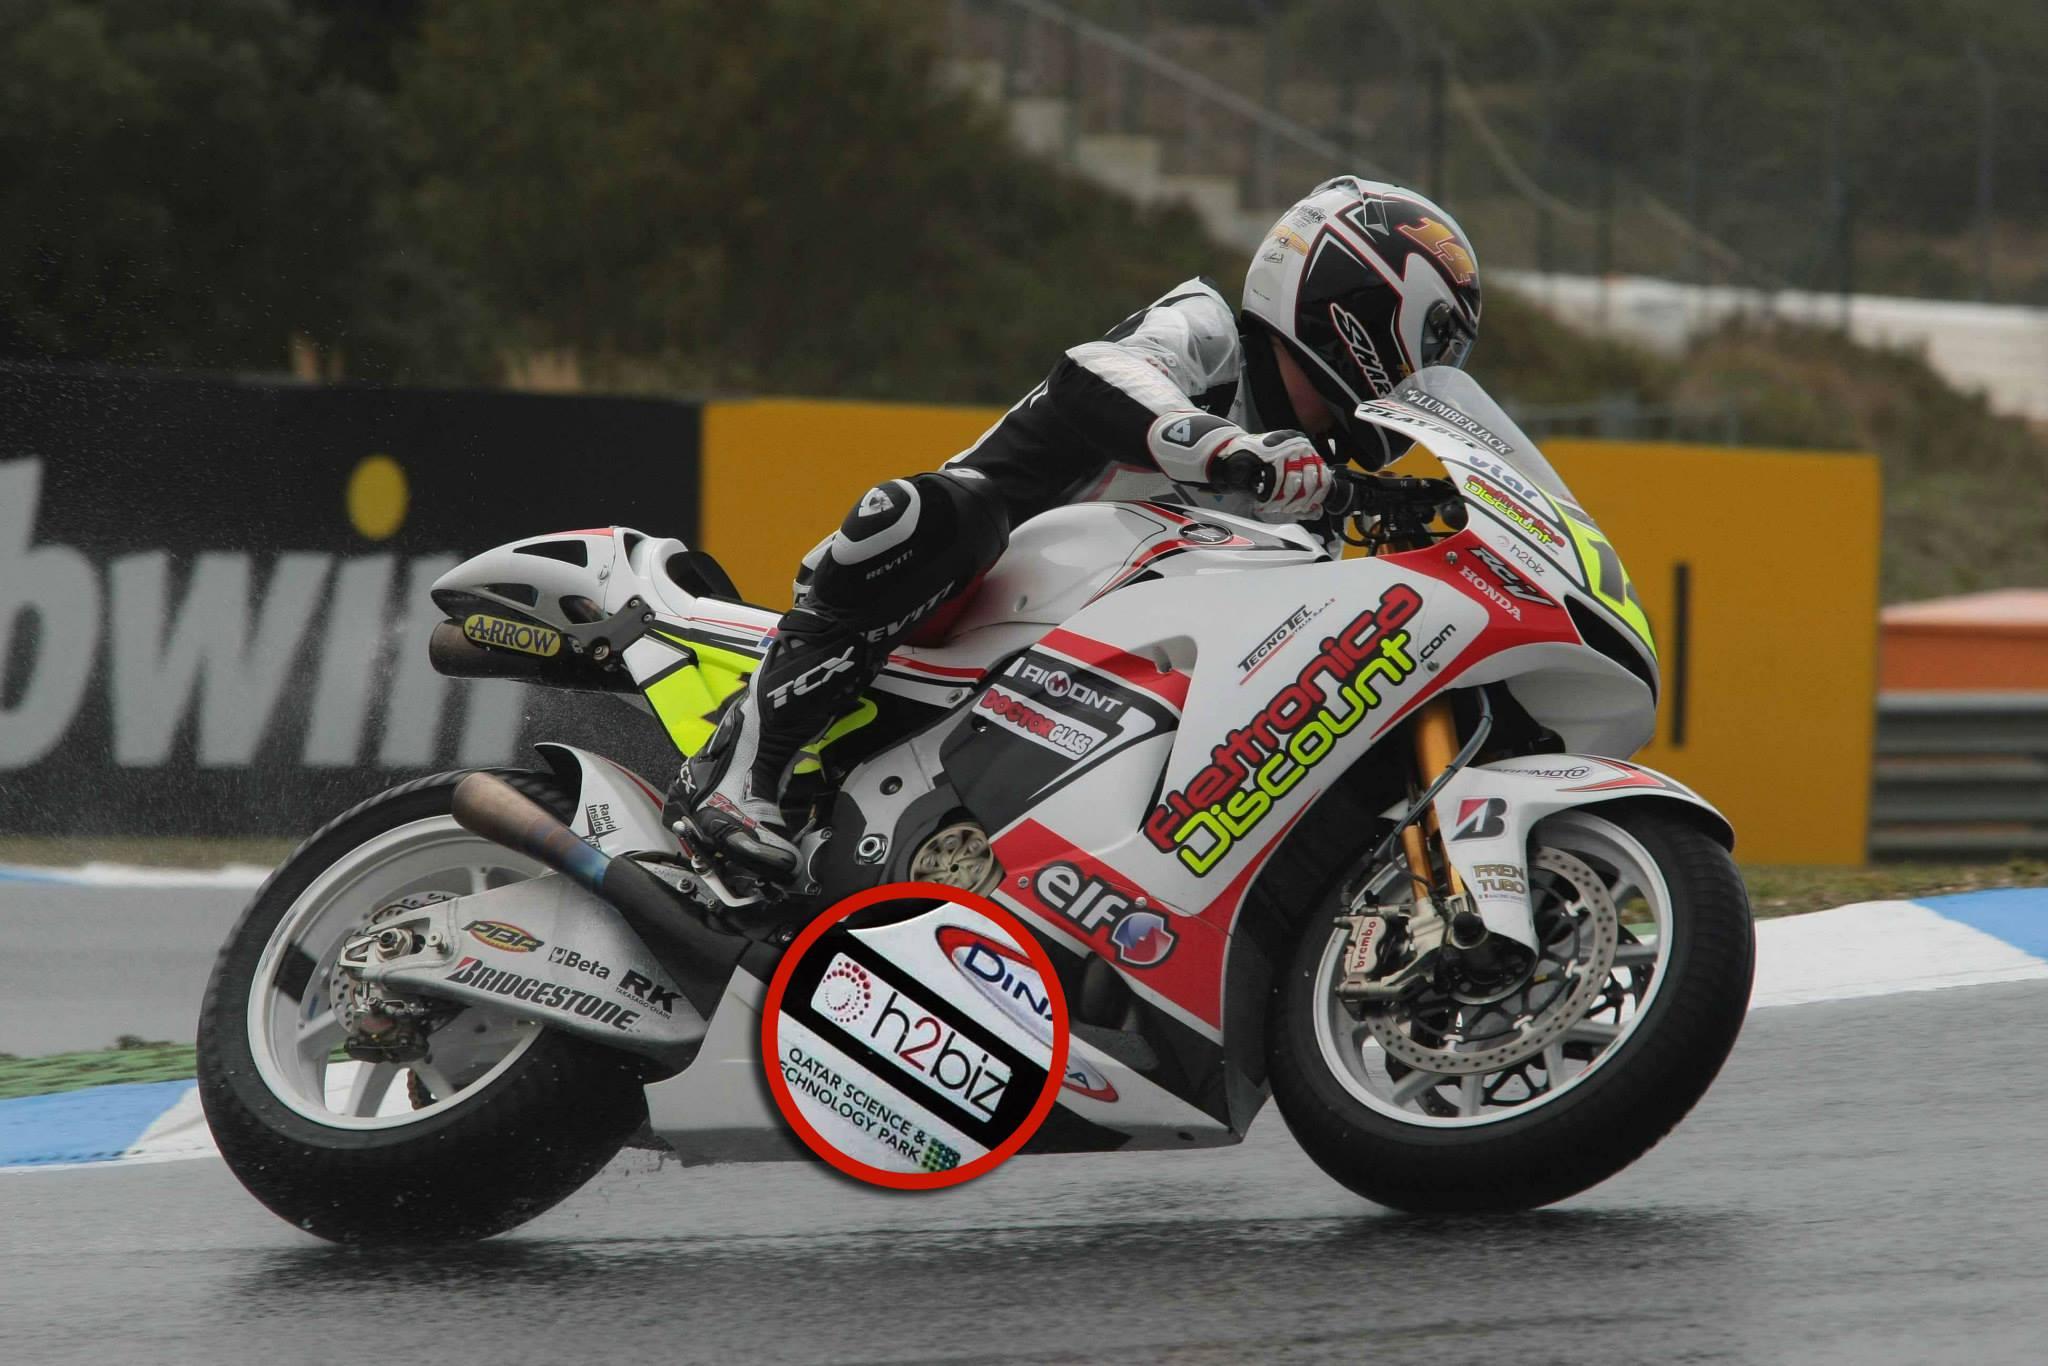 H2biz MotoGP - Randy De Puniet